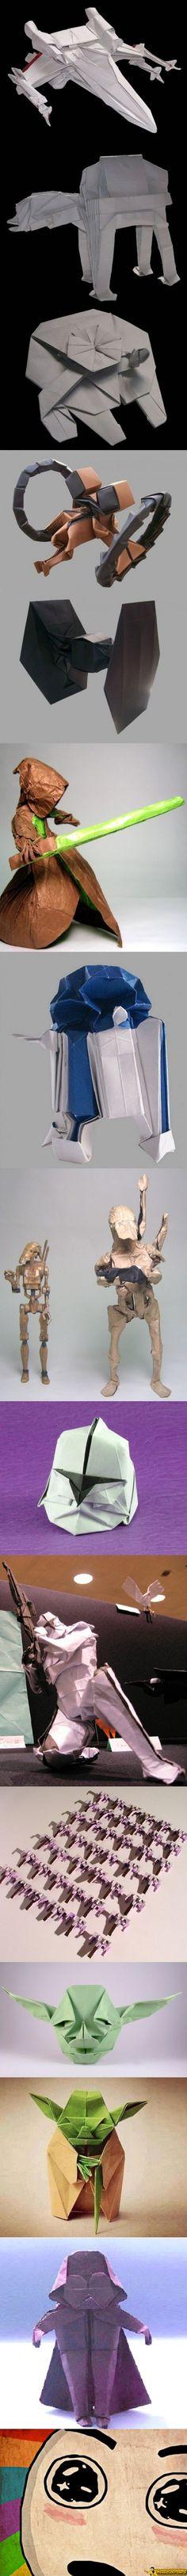 Star Wars Origami -                                                                                                                                                                                 Más